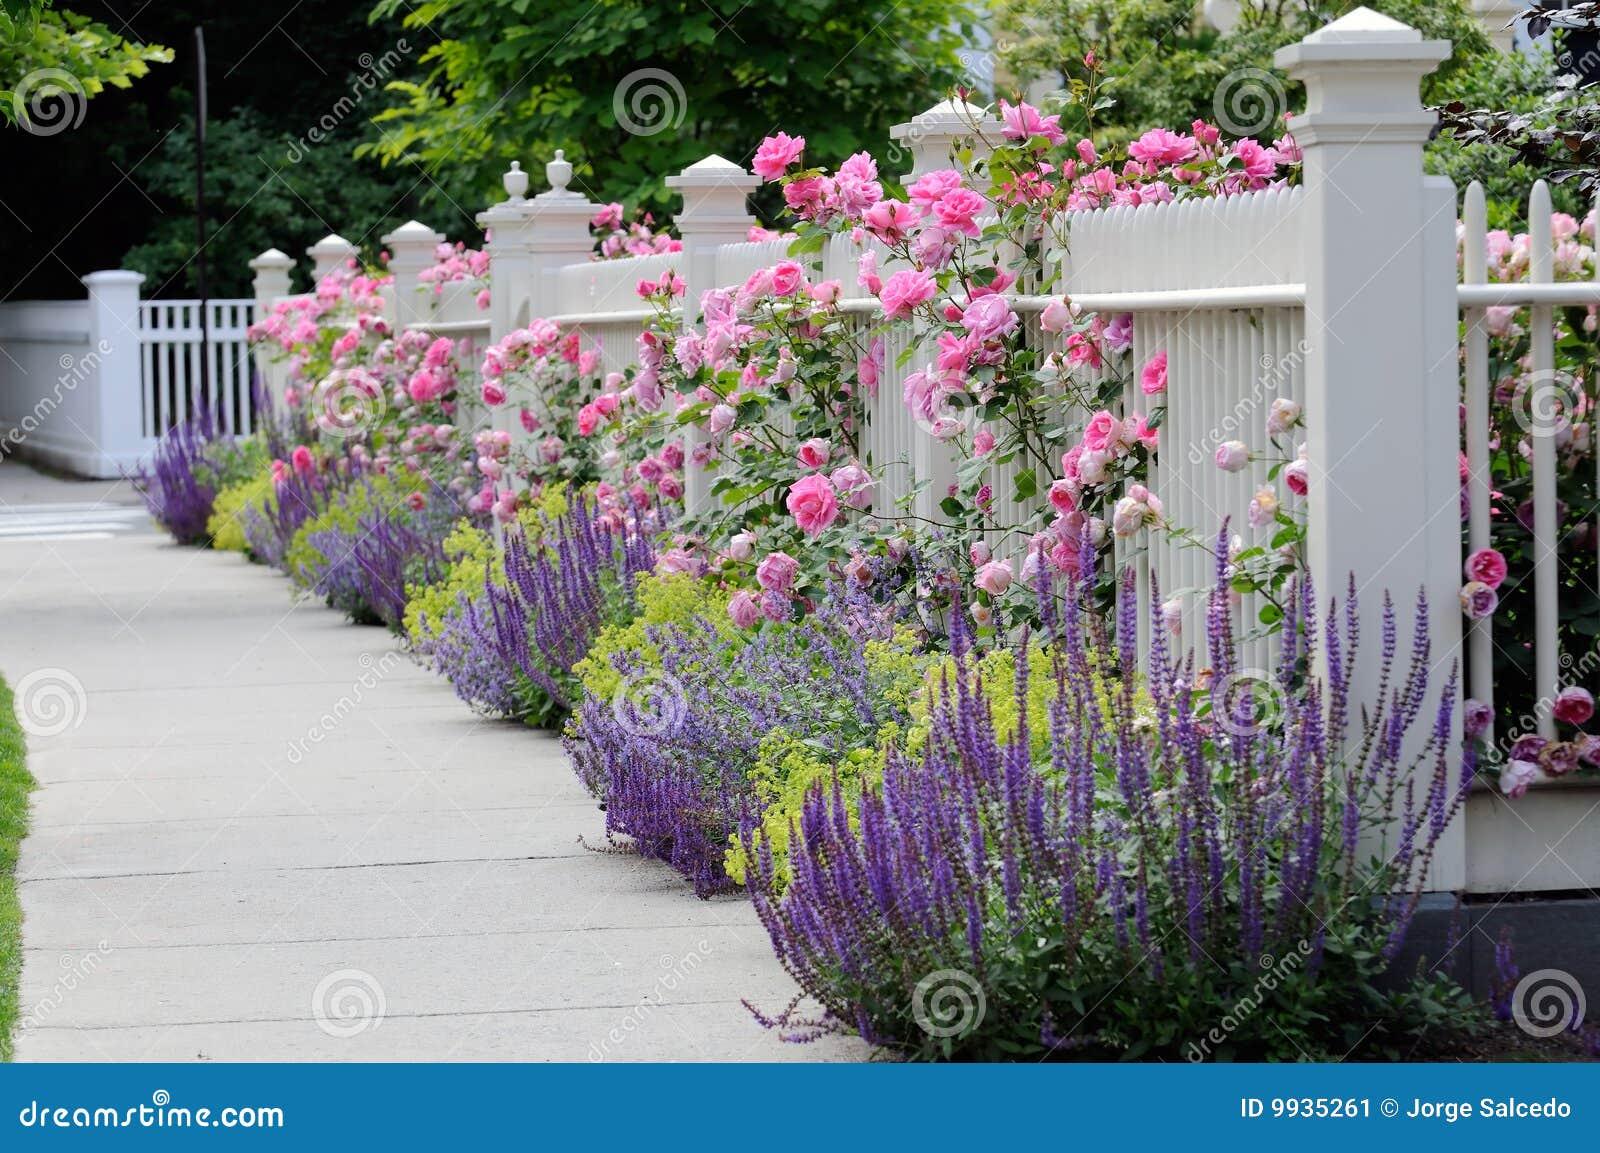 cerca para jardim branca : cerca para jardim branca:Cerca de madeira branca com flores. Rosas cor-de-rosa, salvia azul